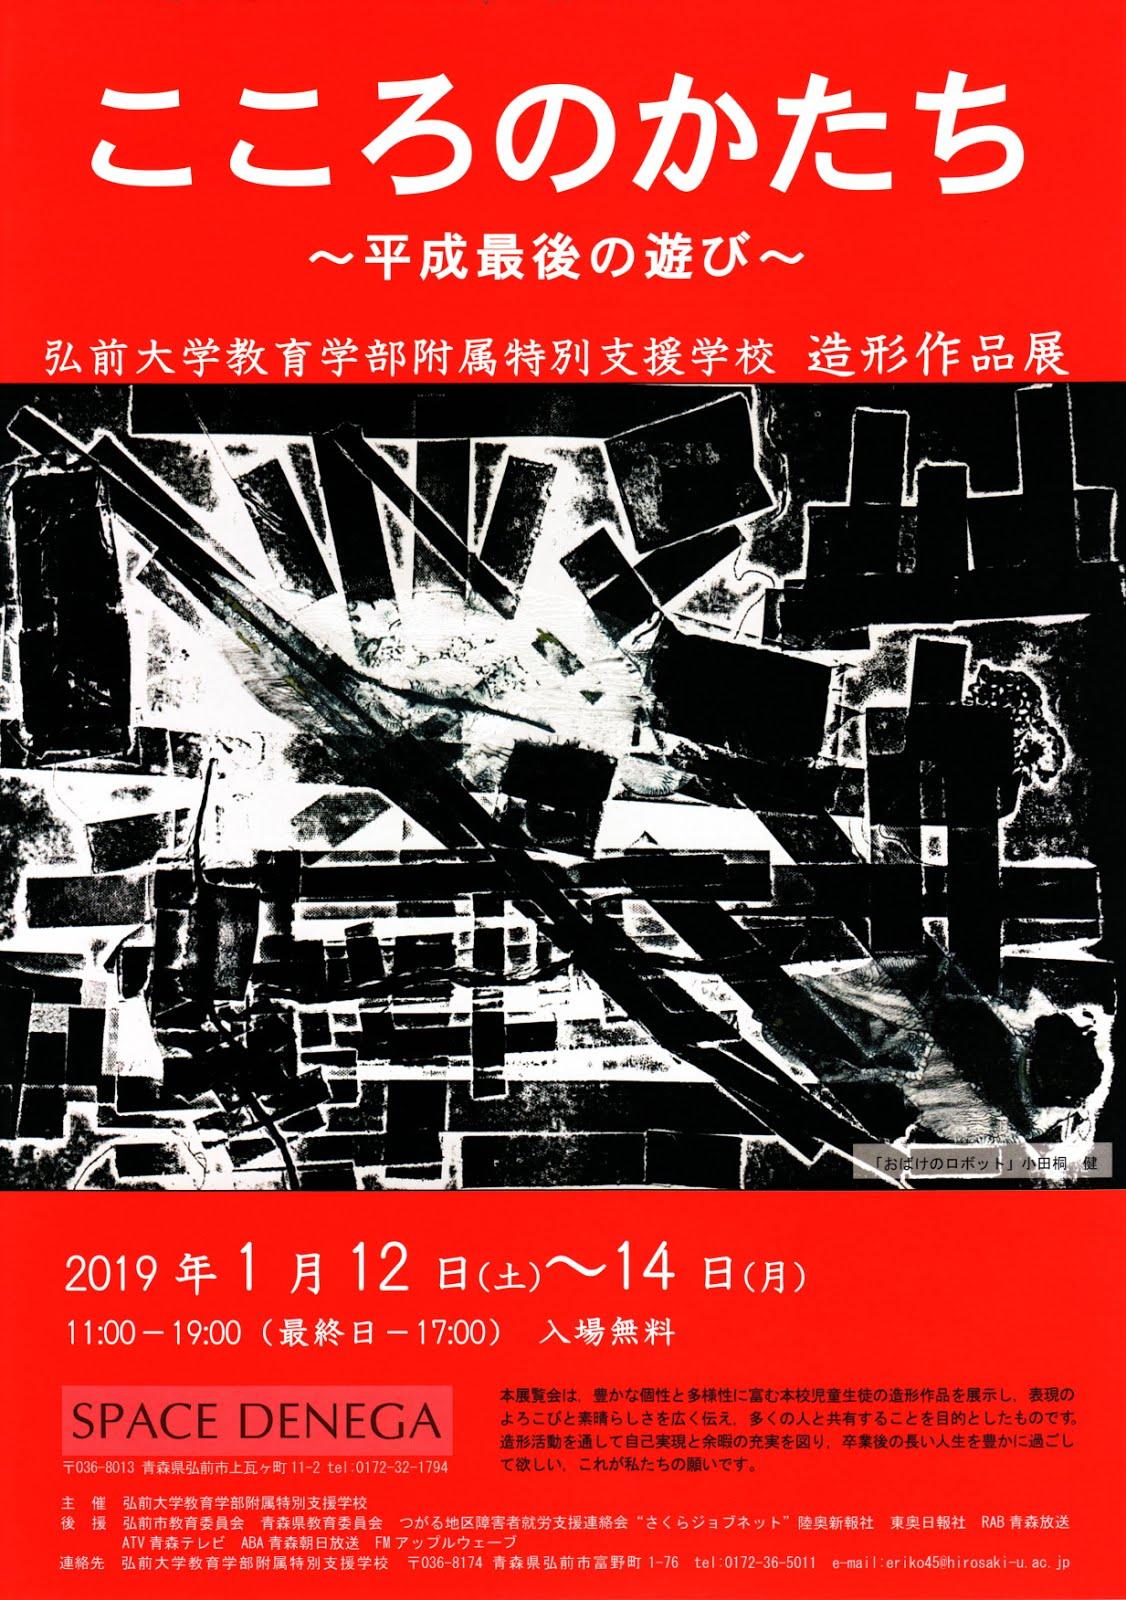 弘前大学教育学部附属特別支援学校 造形作品展